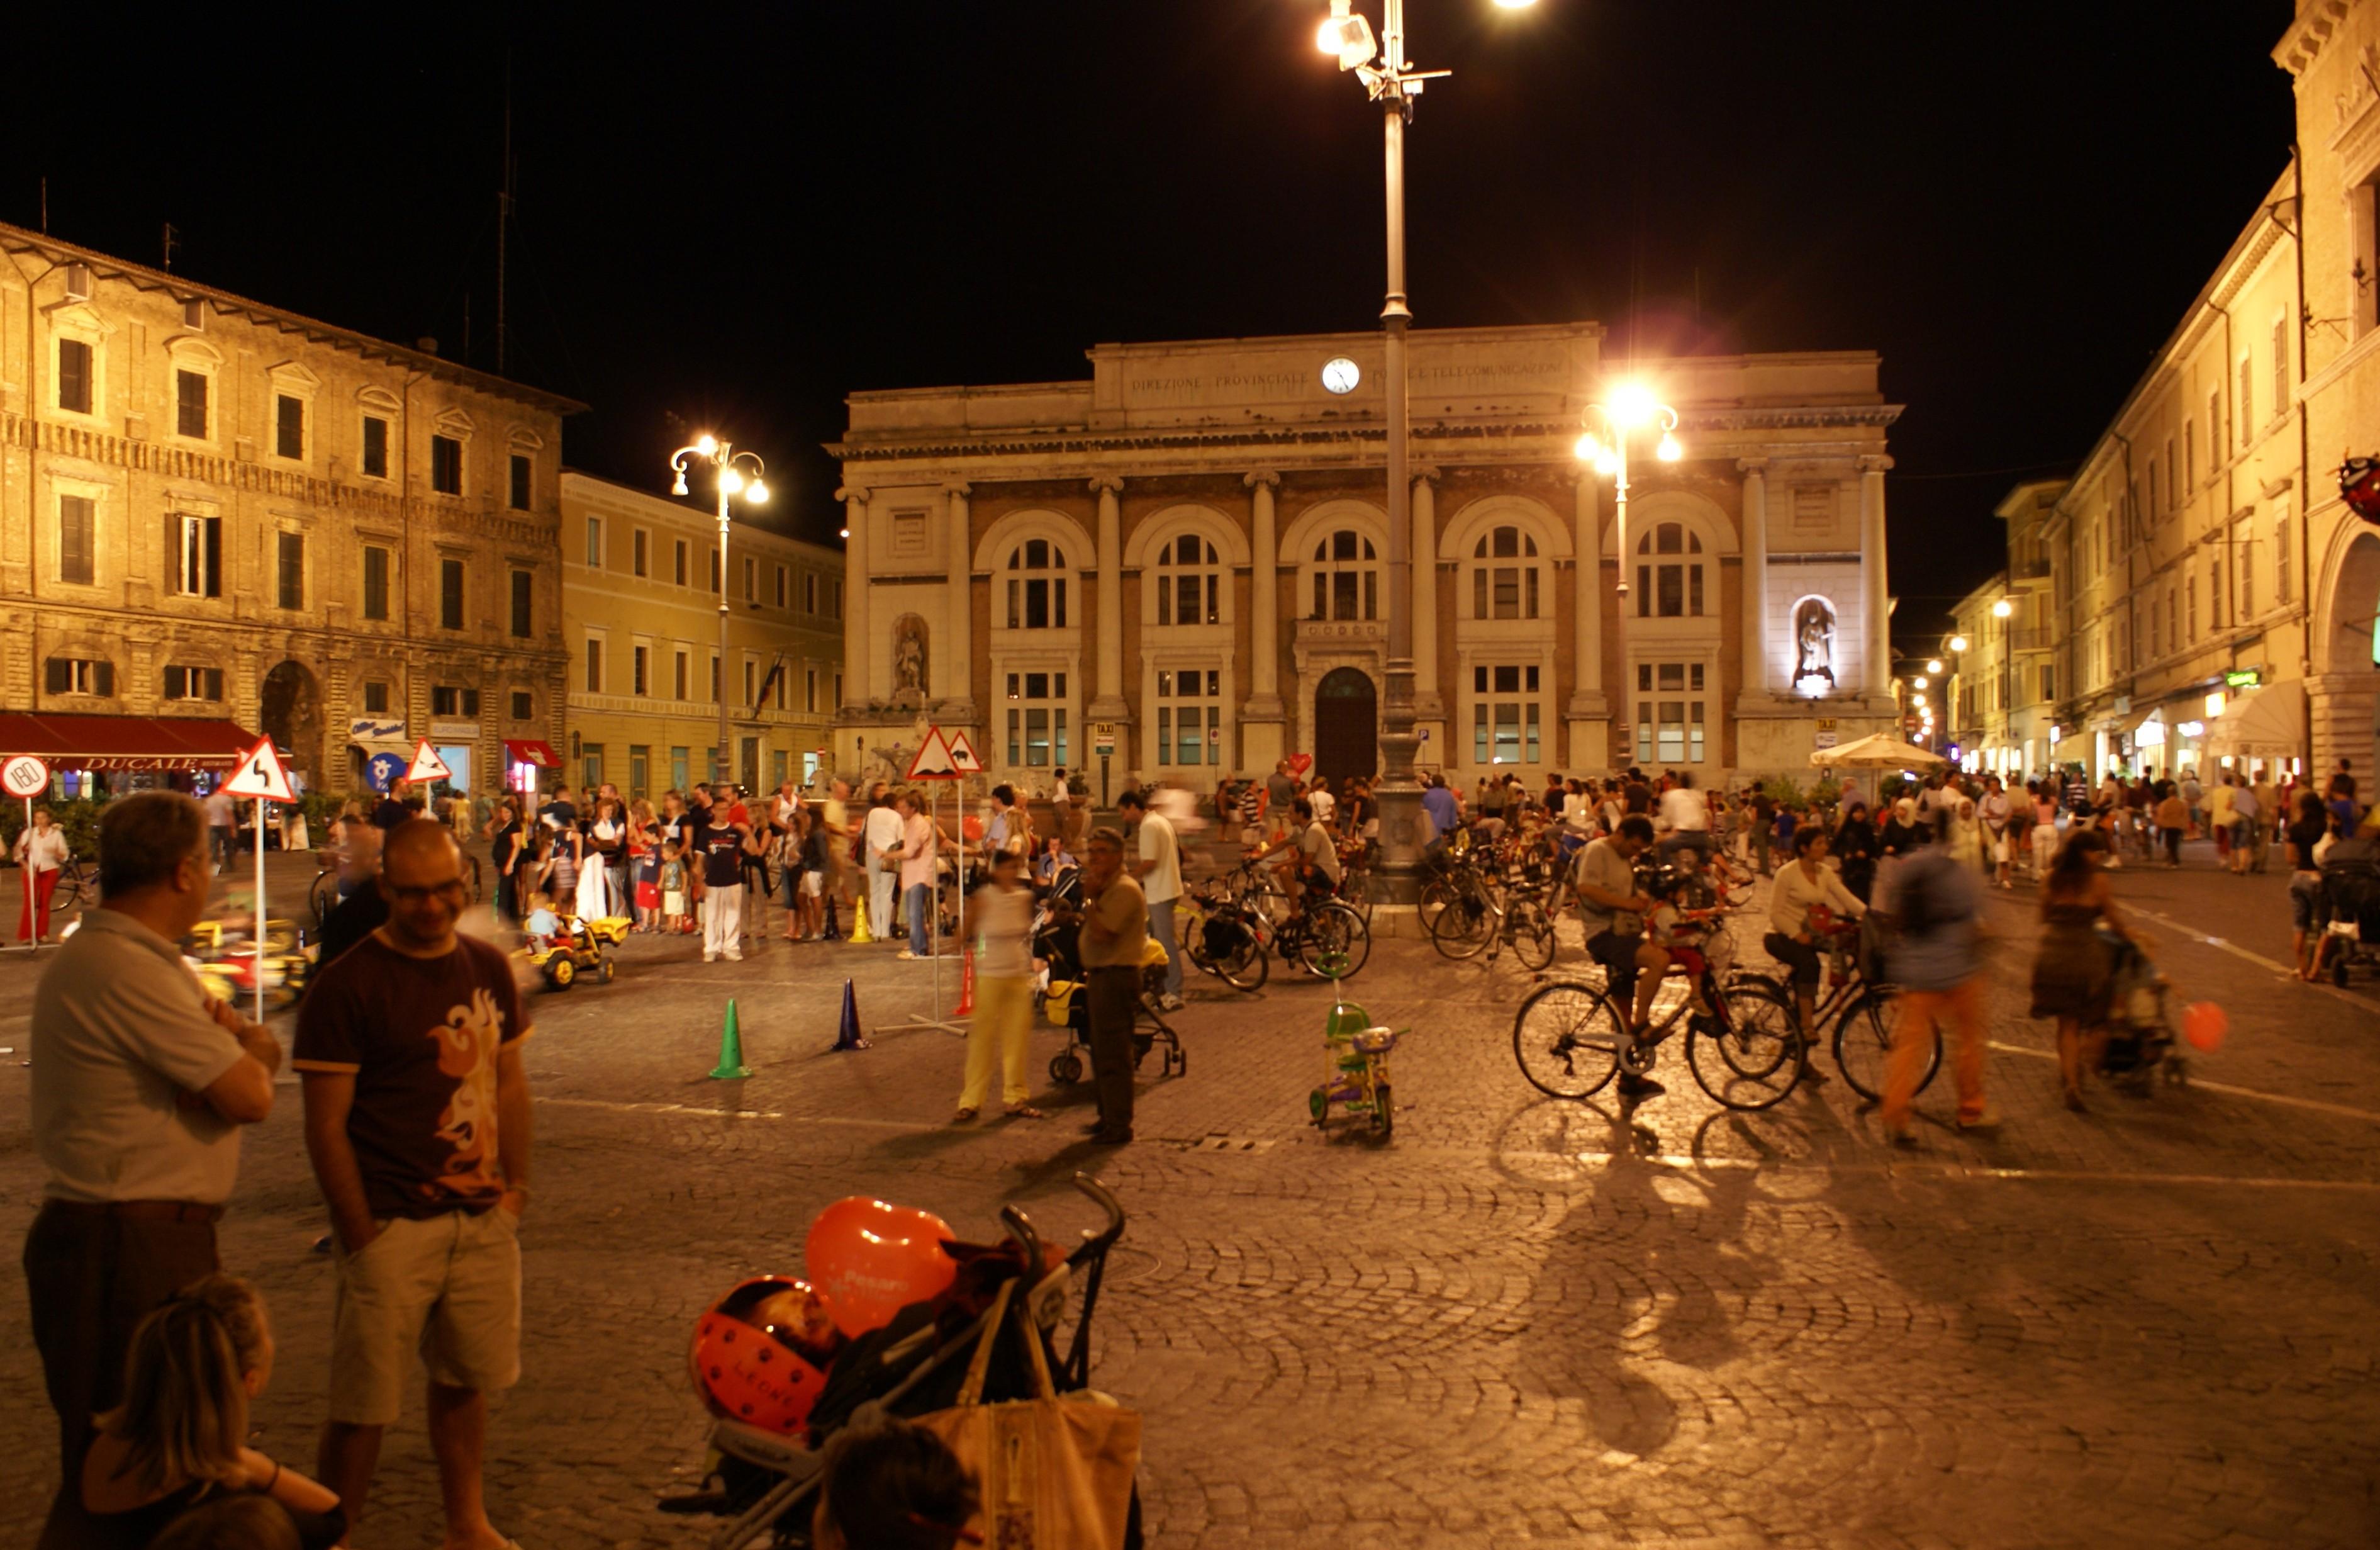 Datei:Piazza del Popolo, Pesaro, Italy.jpg – Wikipedia